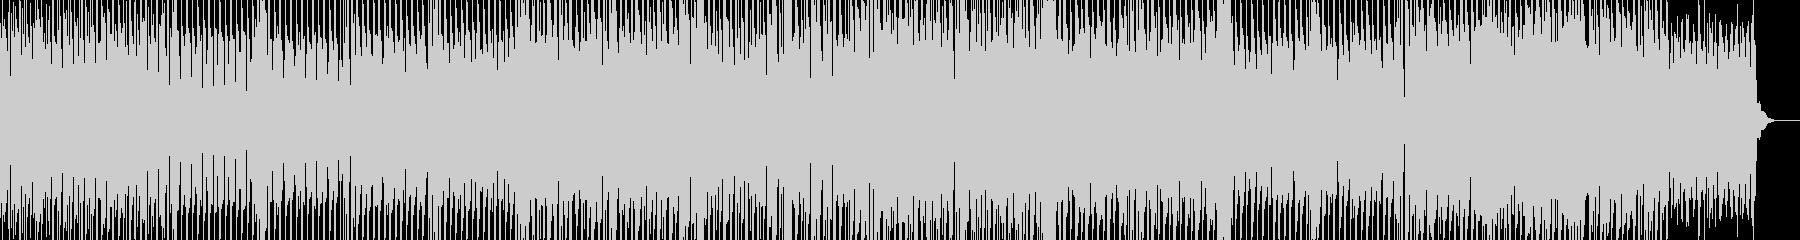 ひたすら明るいEDMの未再生の波形